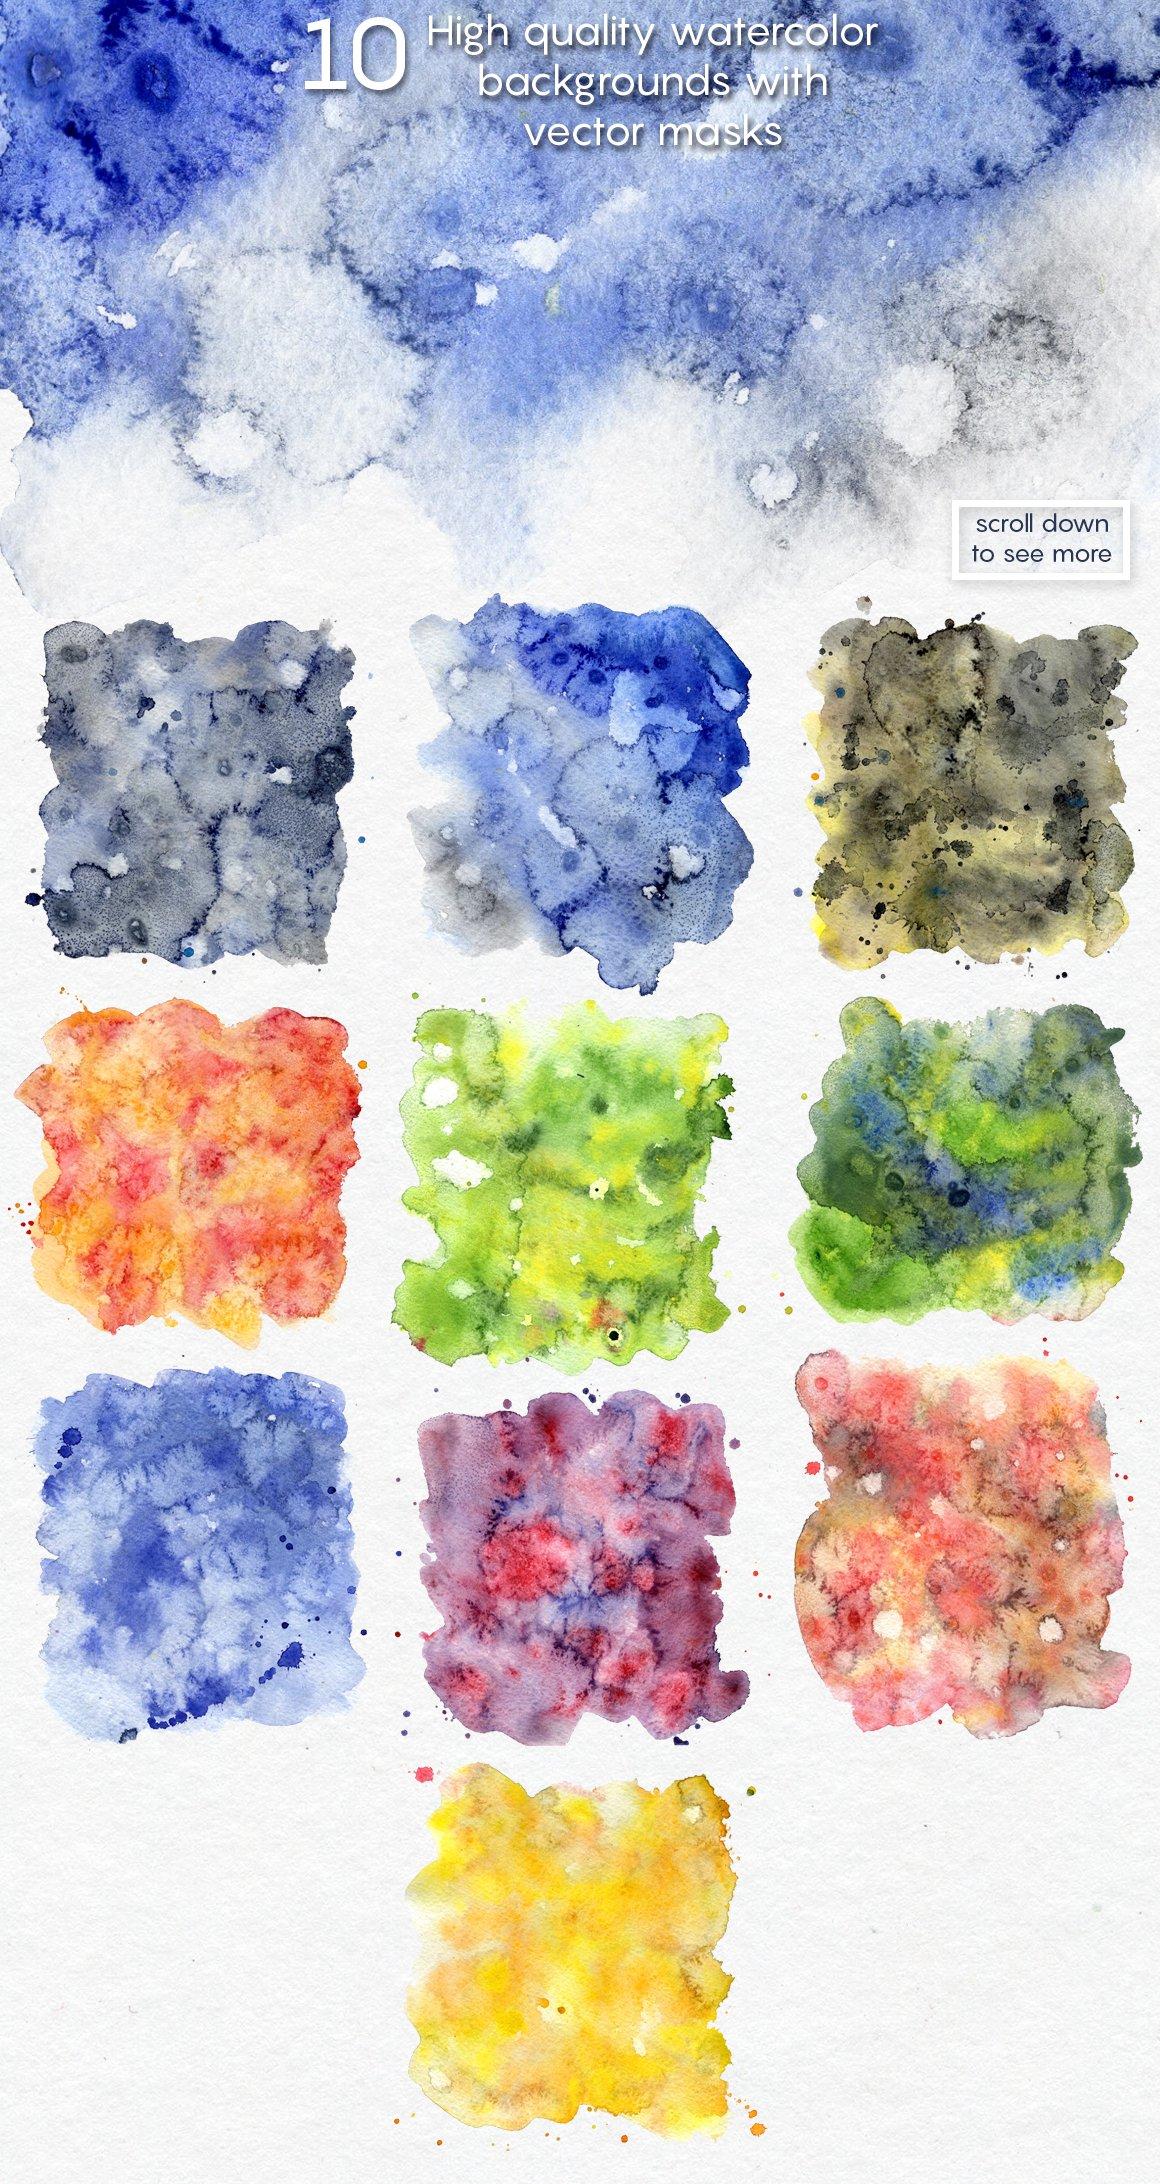 高分辨率手绘水彩水墨背景纹理合集 WATERCOLOR textures pack!插图(4)